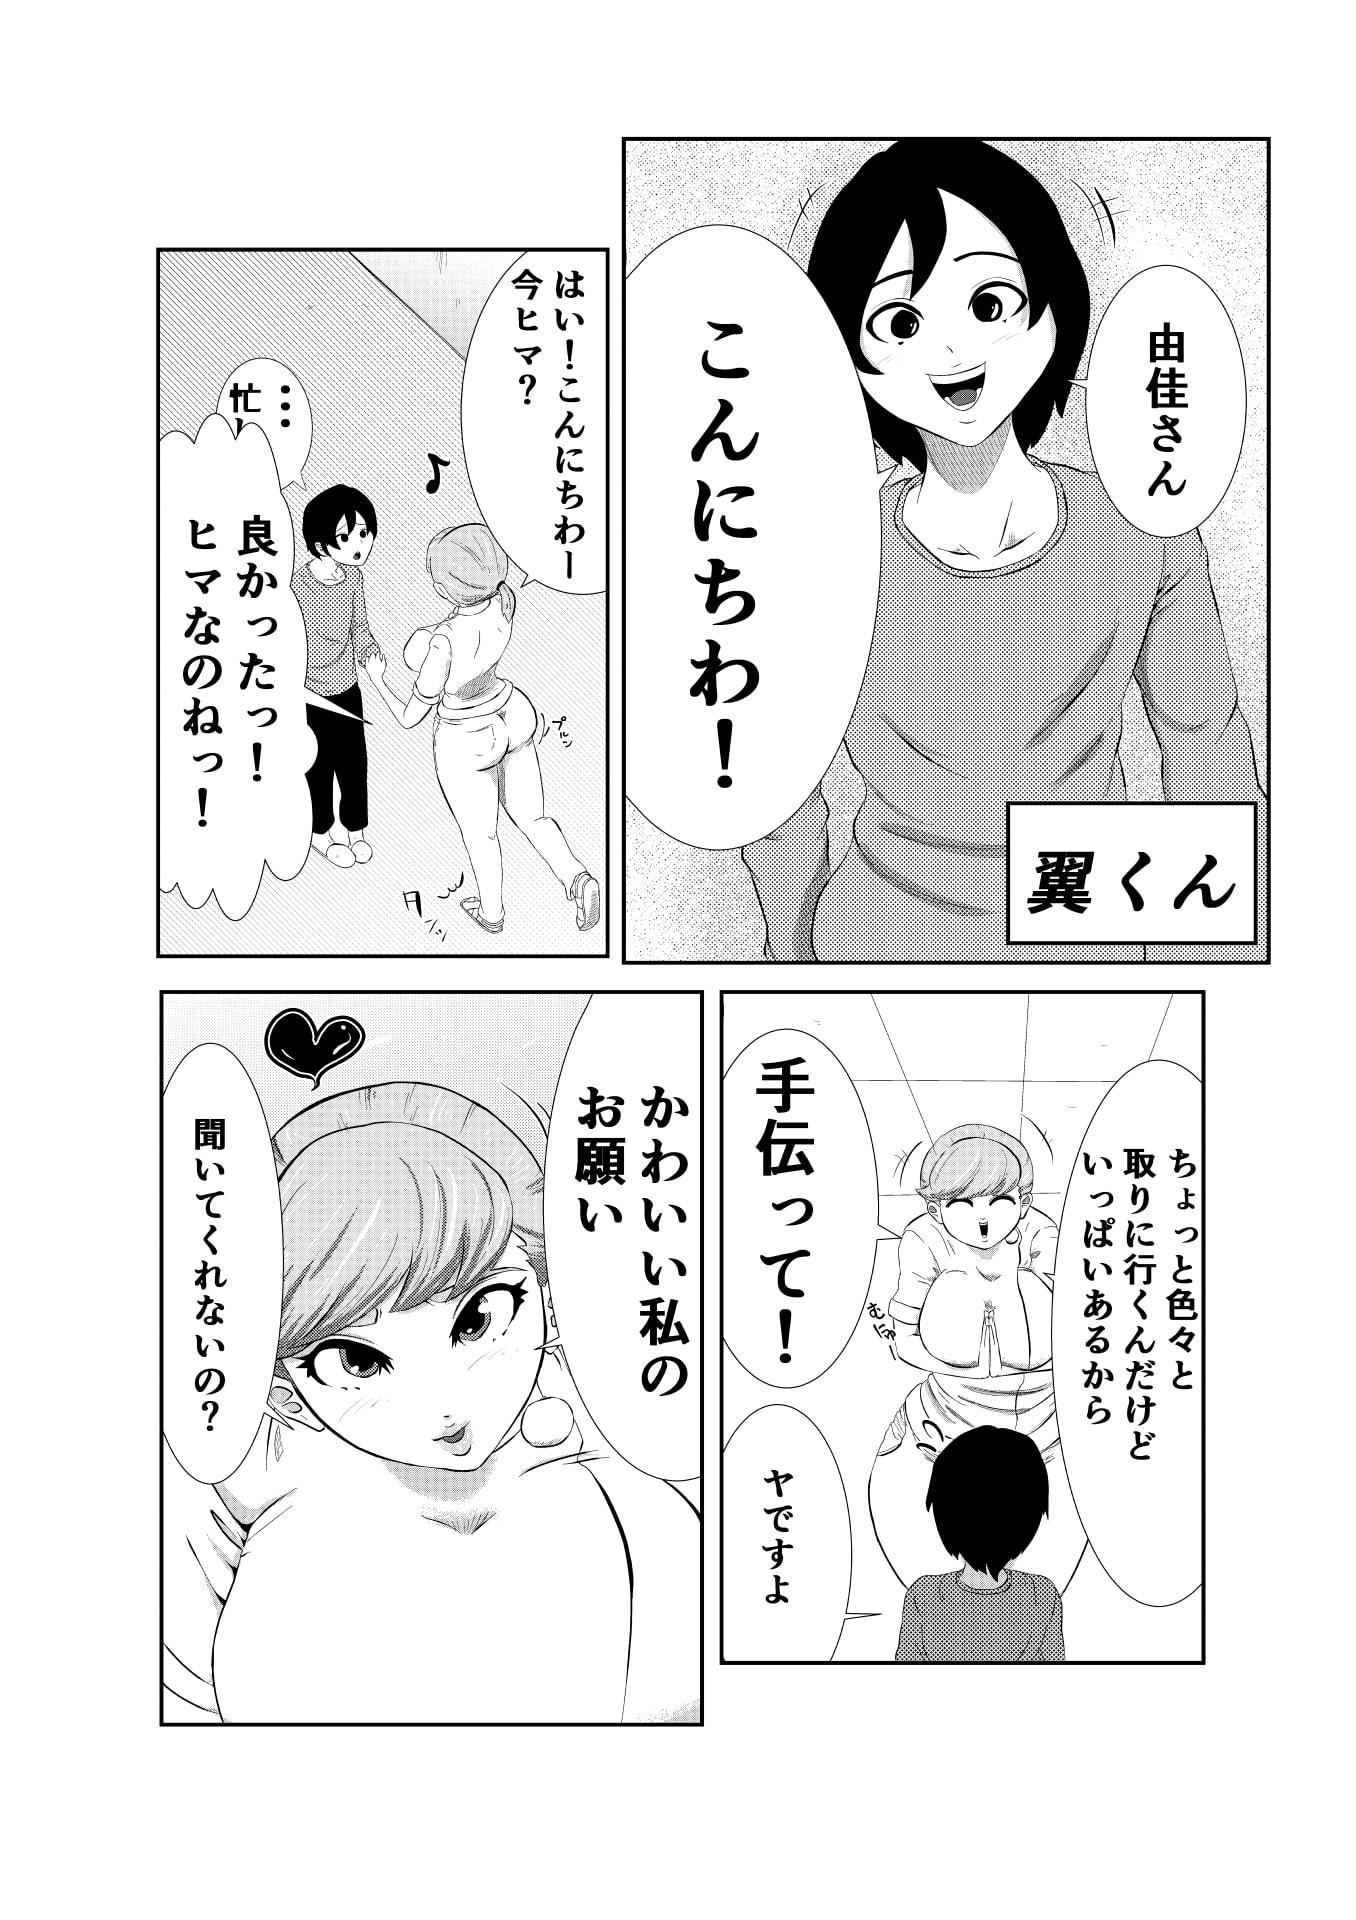 ち〇こ付き巨乳ナース~ショタっ子ケツマ〇コ処女貫通注射しちゃいます~